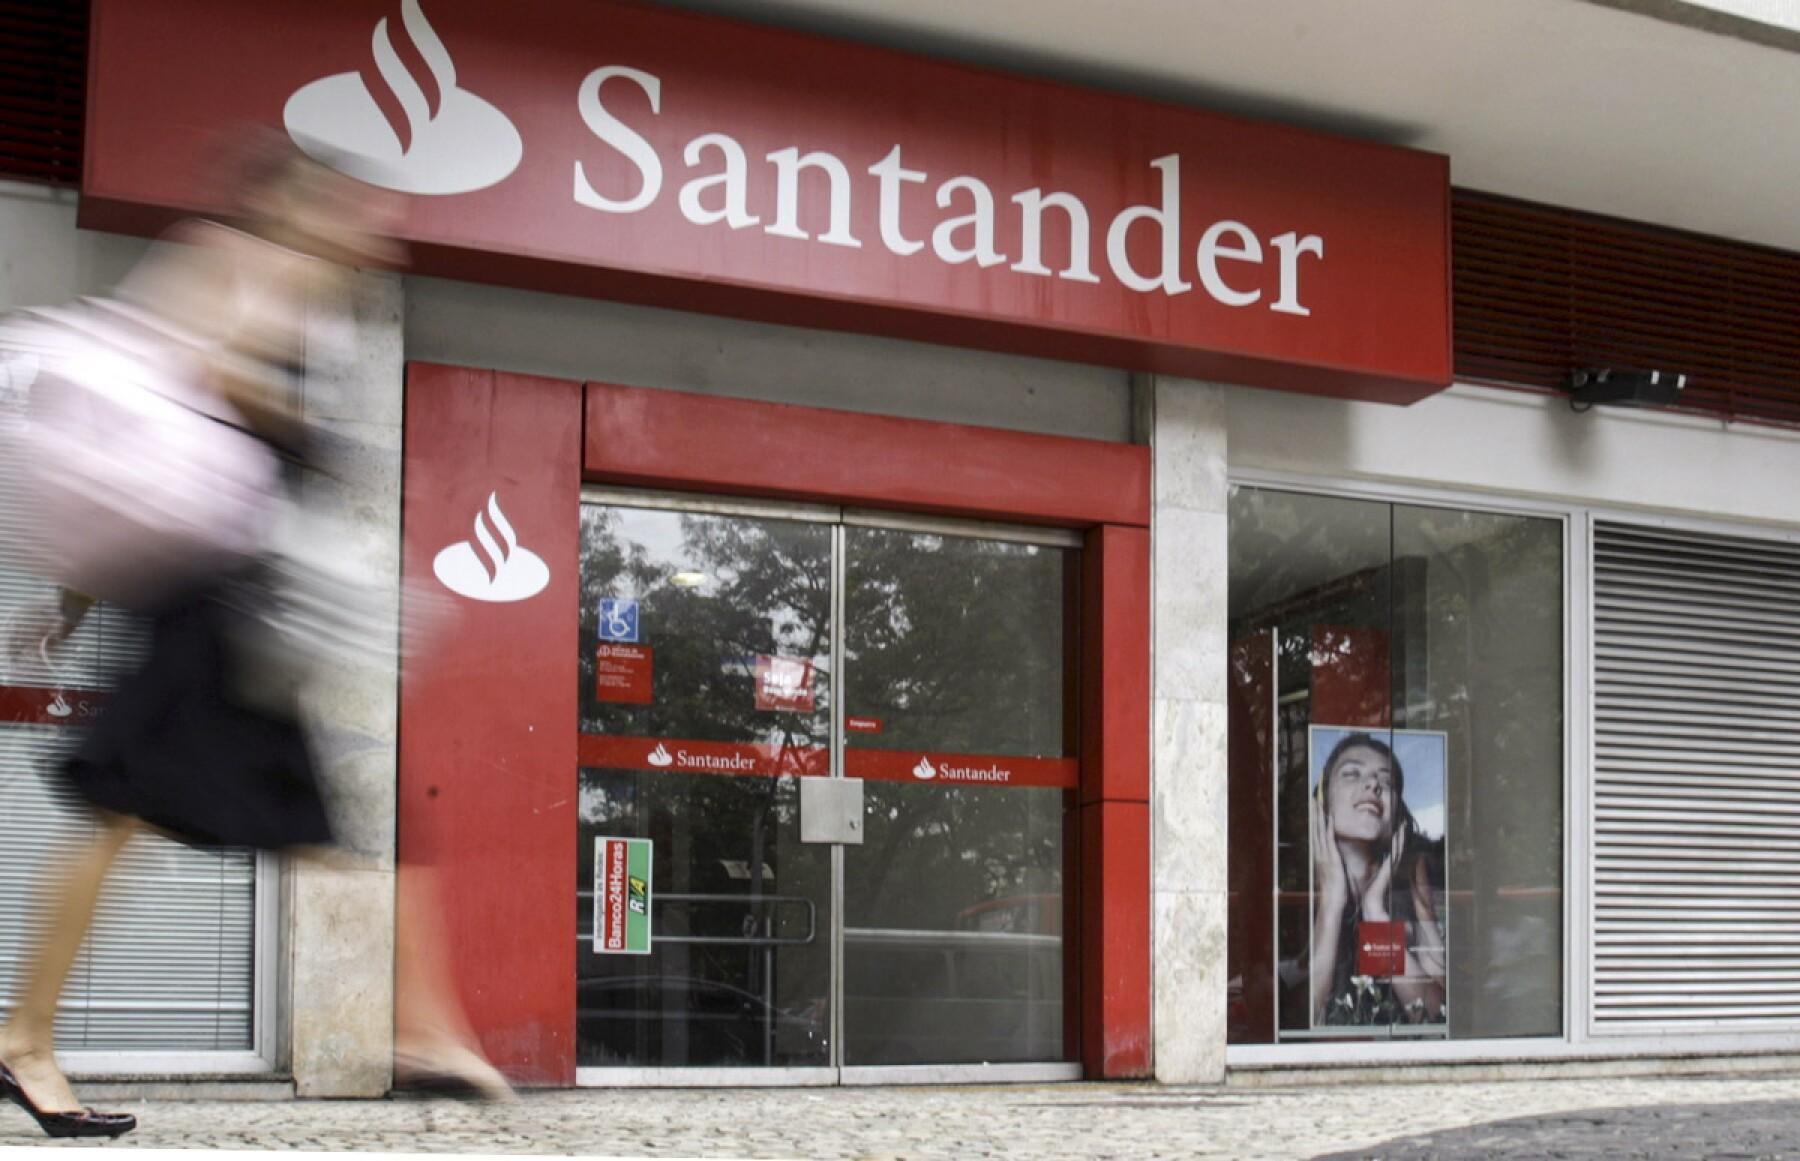 A woman walks past Santander bank branch in Rio de Janeiro